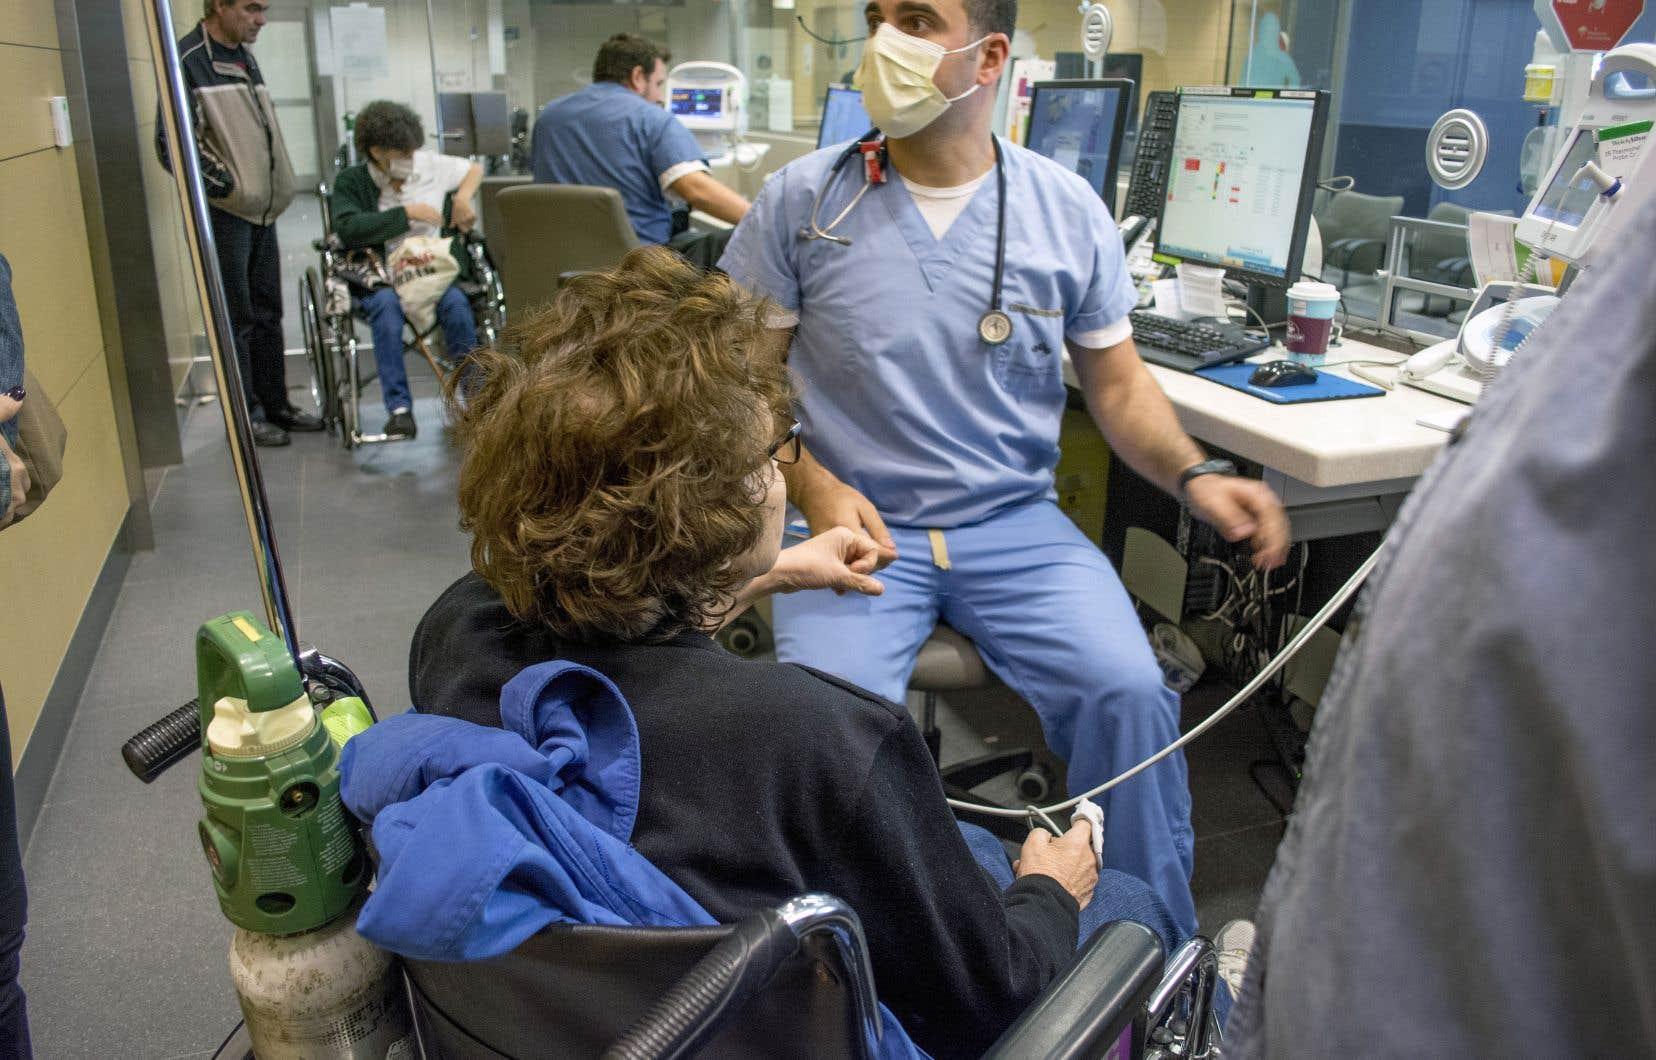 Former des médecins à porter un regard différent sur leurs valeurs et leur pratique, c'est aussi leur permettre d'être, à terme, plus à l'écoute de leurs patientes et patients.